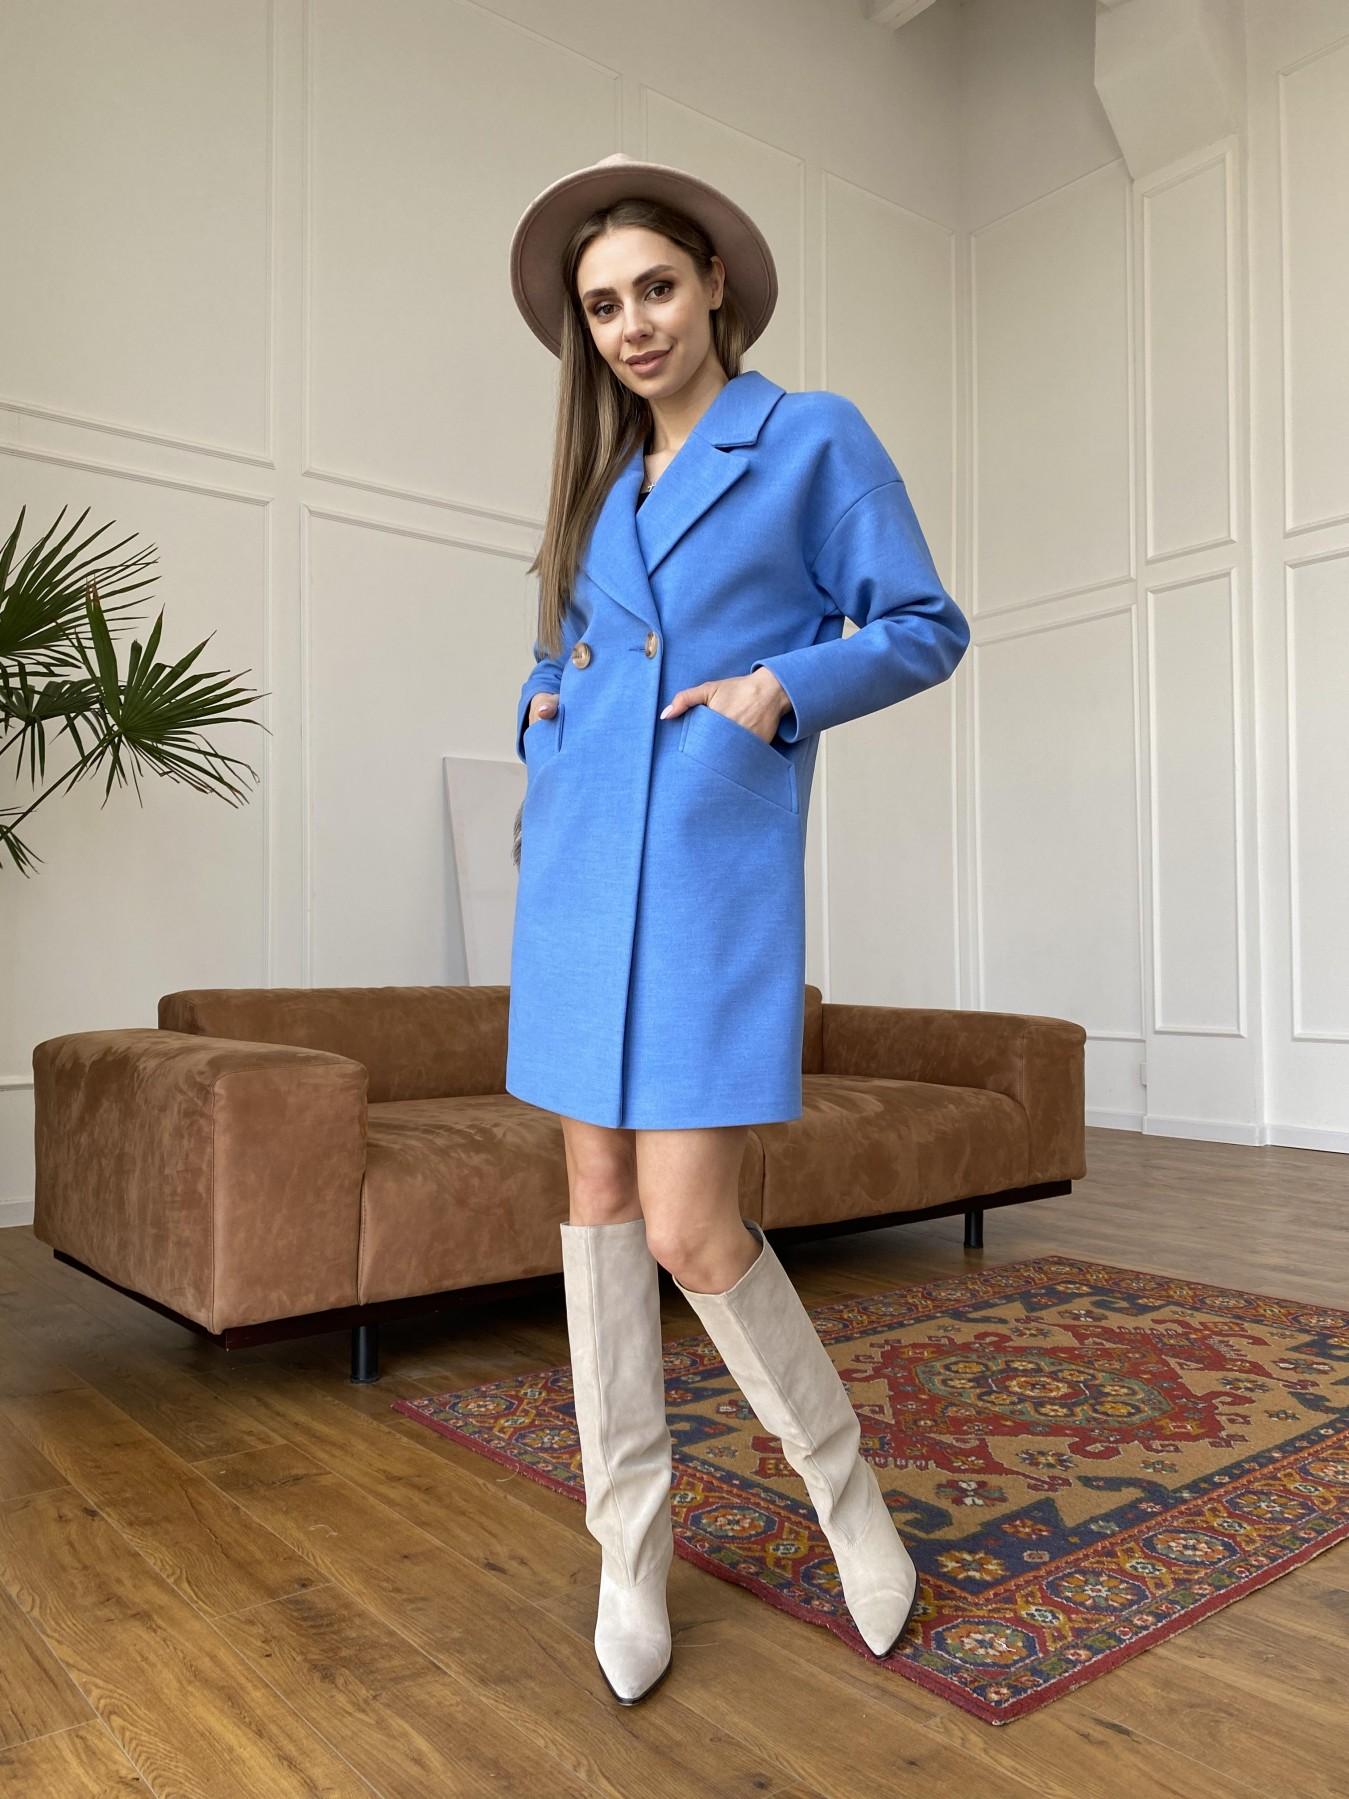 Сенсей пальто из кашемира 10572 АРТ. 47572 Цвет: Голубой - фото 1, интернет магазин tm-modus.ru